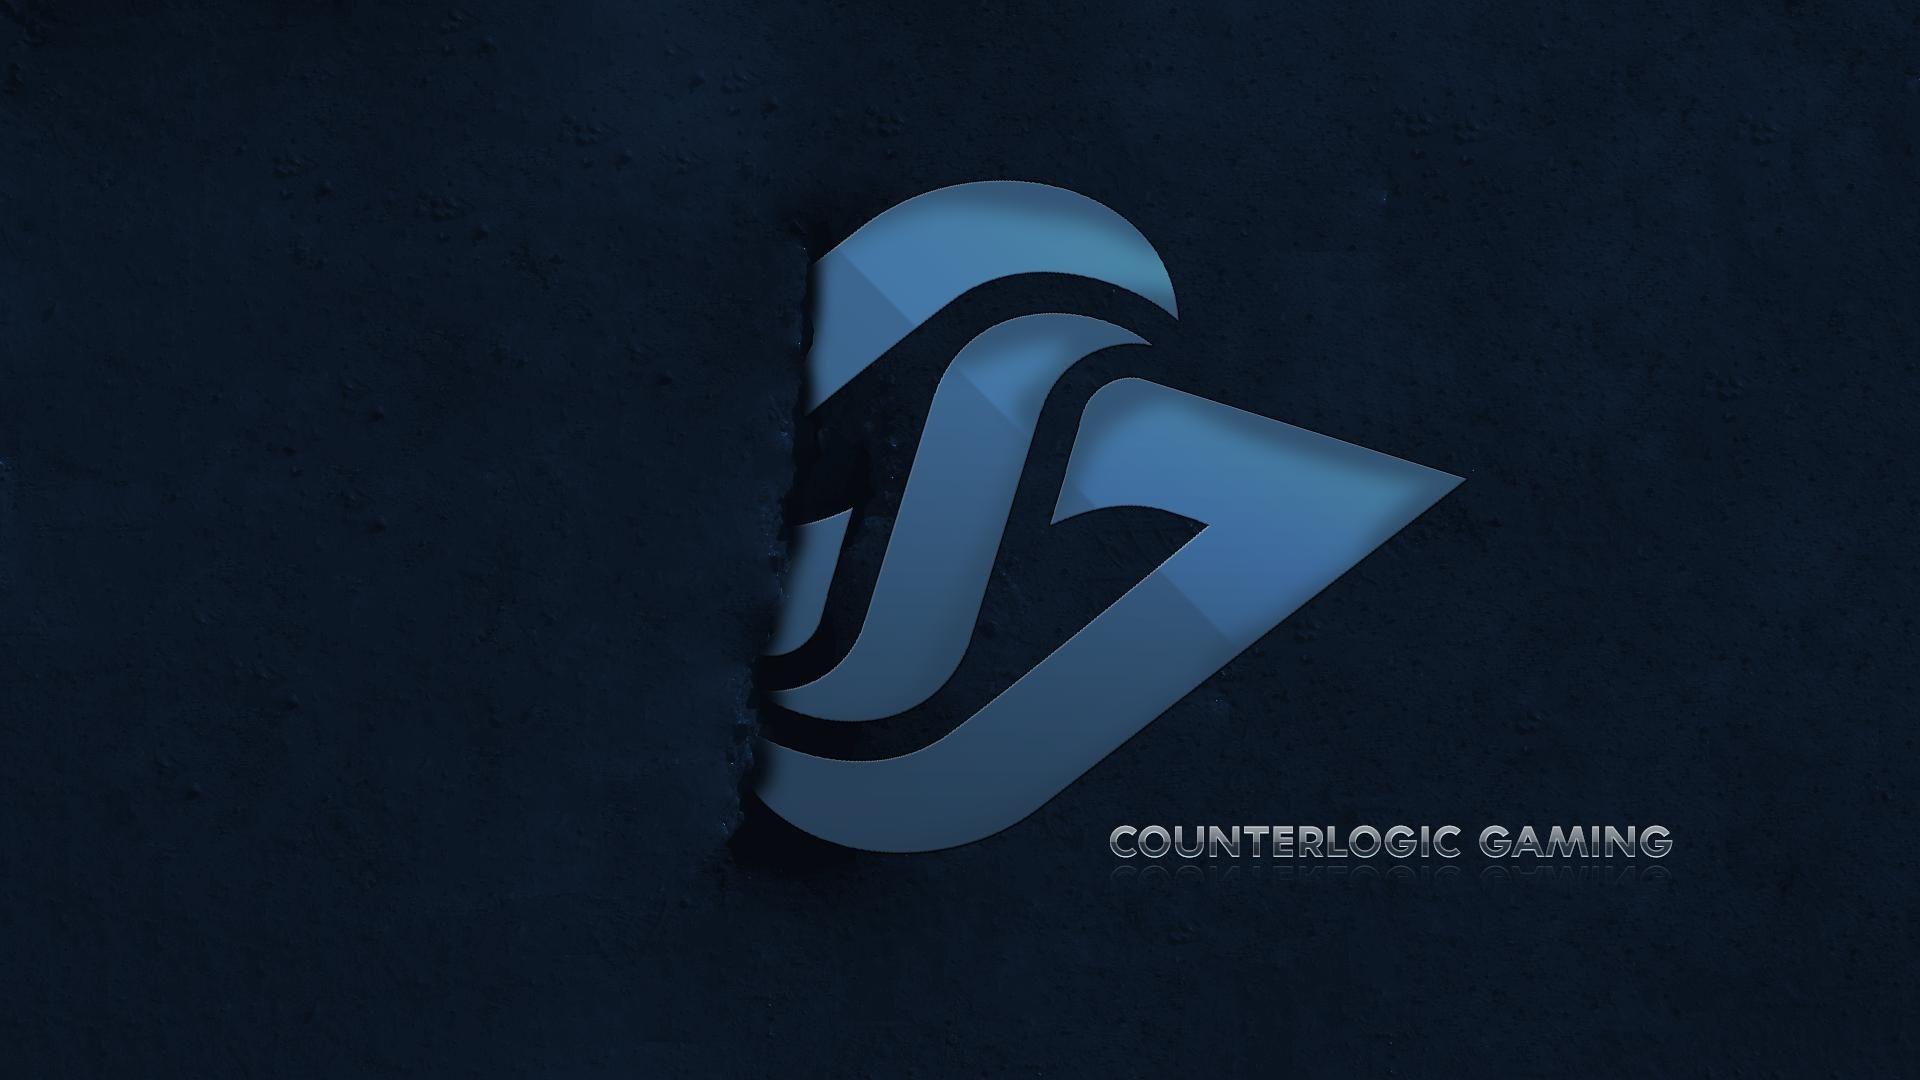 clg_counter_logic_gaming2